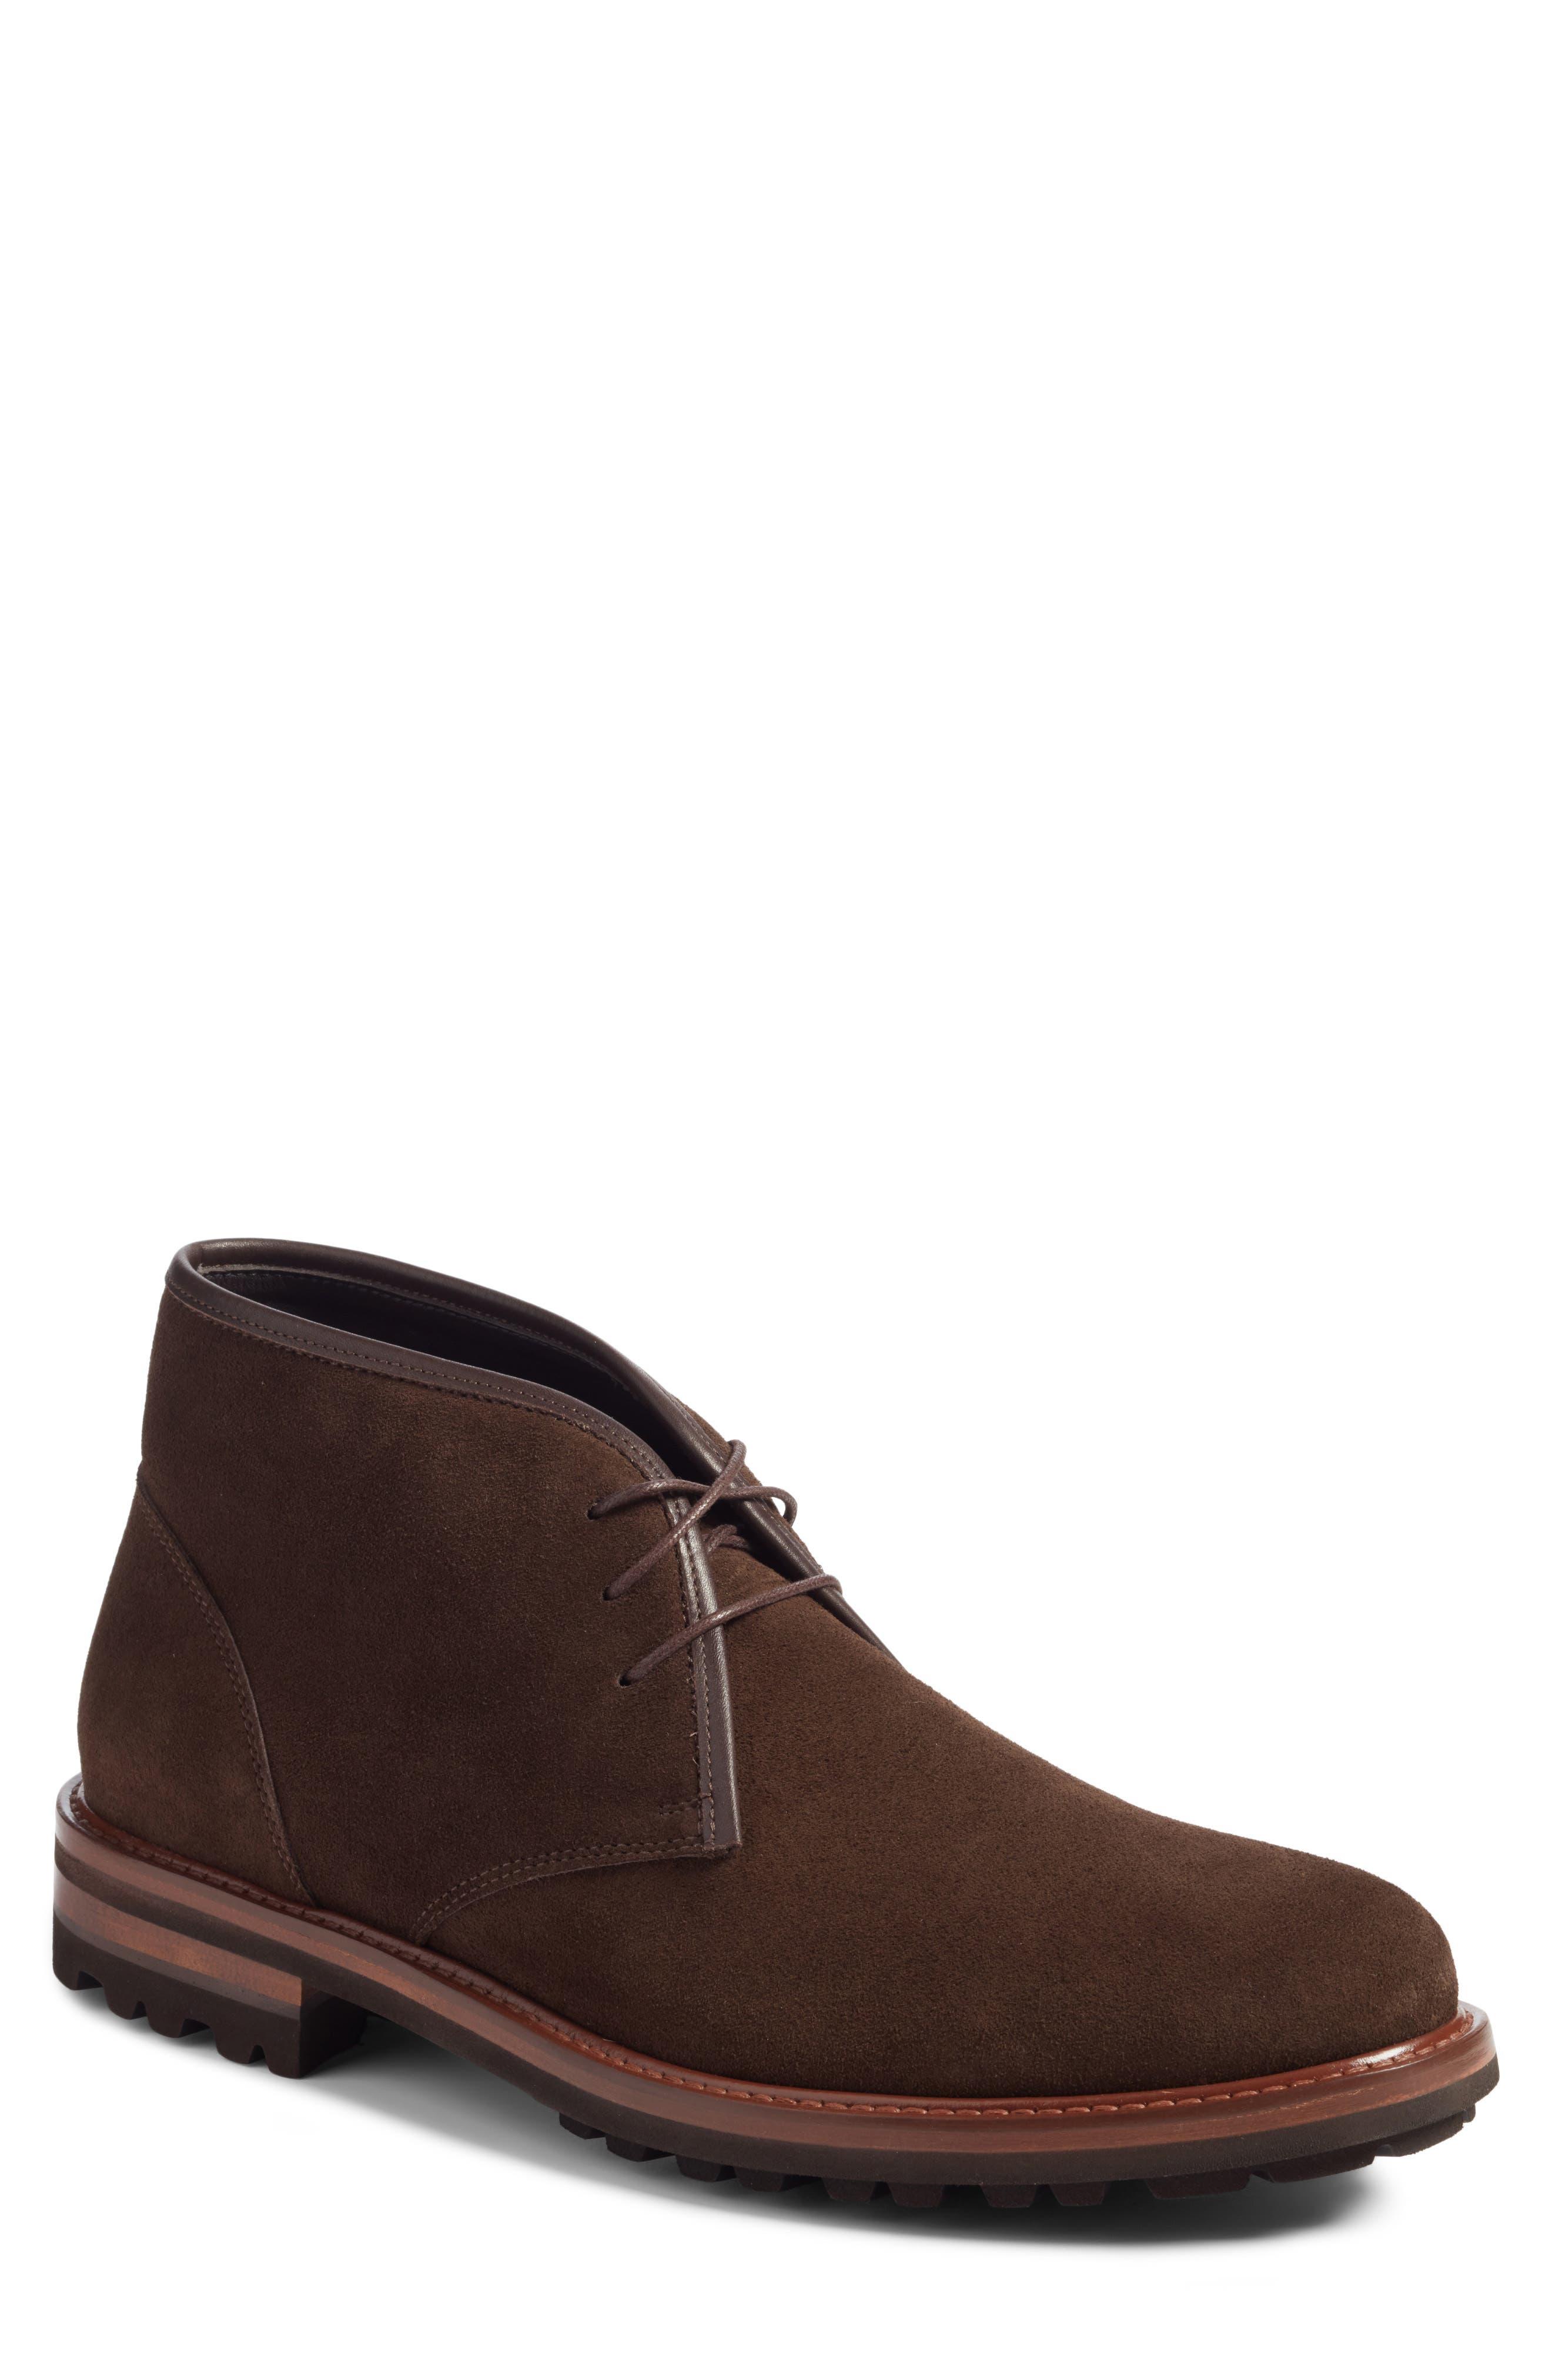 Brixen Waterproof Chukka Boot,                         Main,                         color, Brown Suede